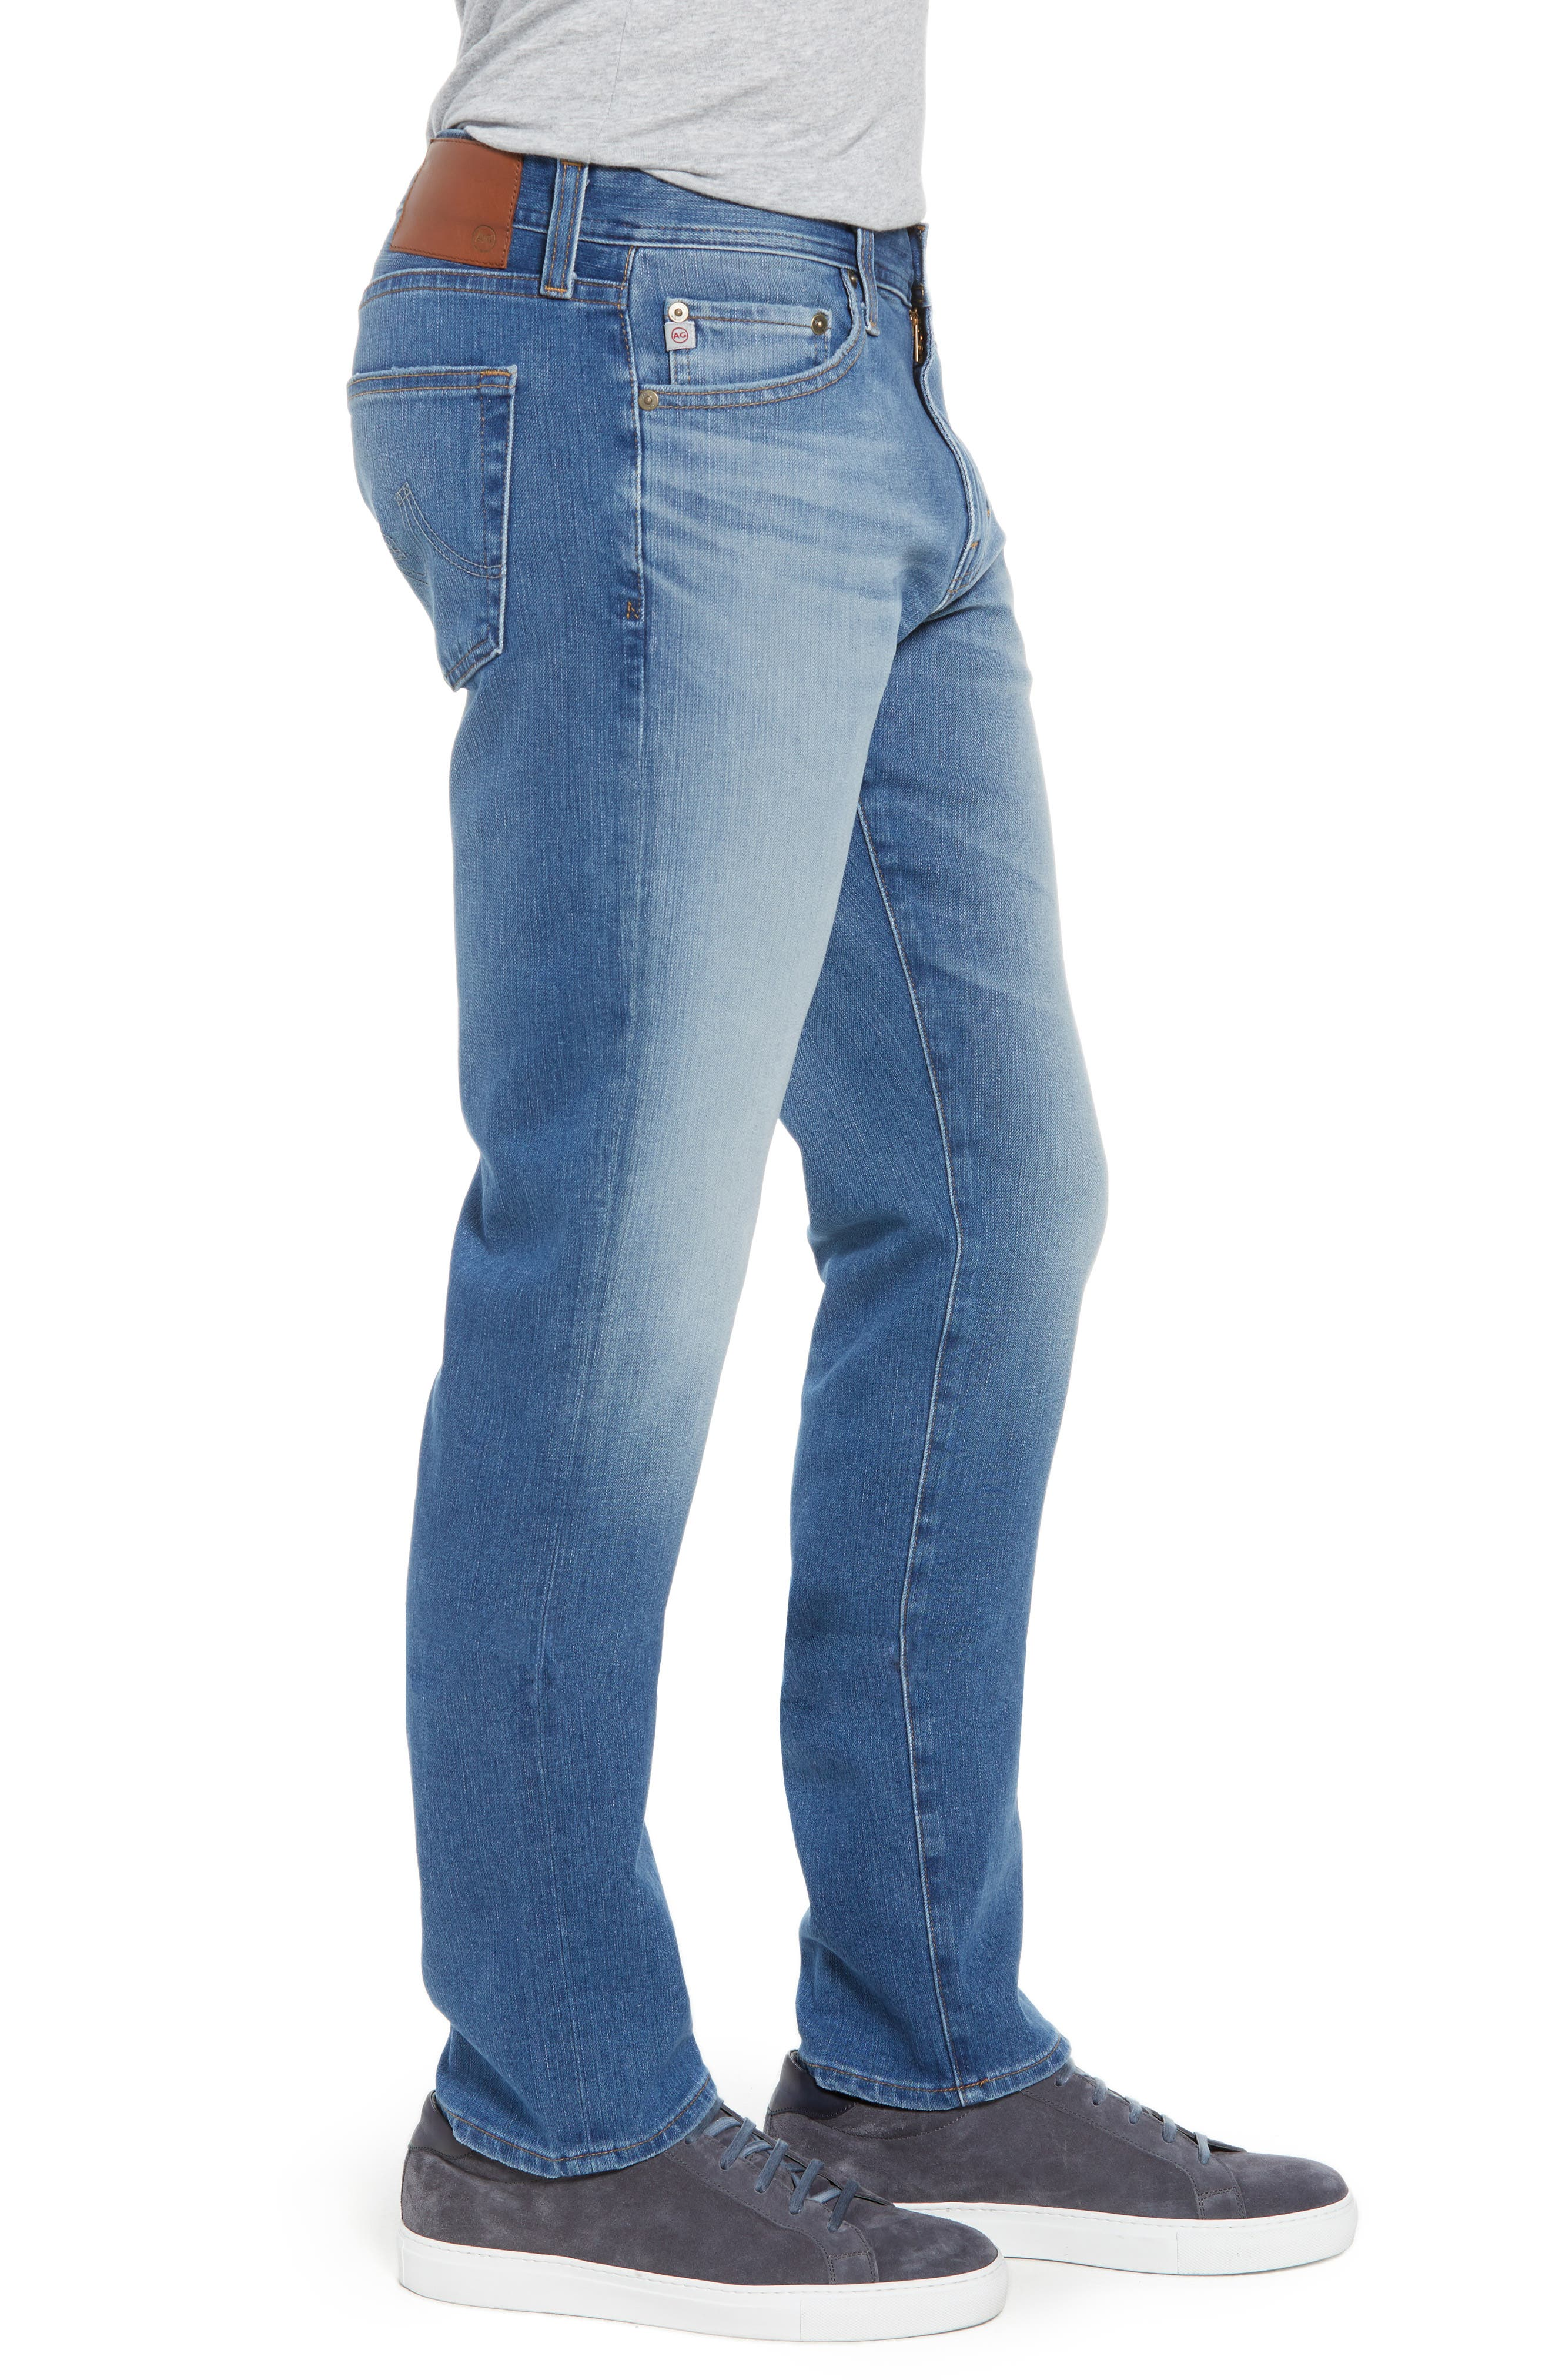 Everett Slim Straight Leg Jeans,                             Alternate thumbnail 5, color,                             Merchant